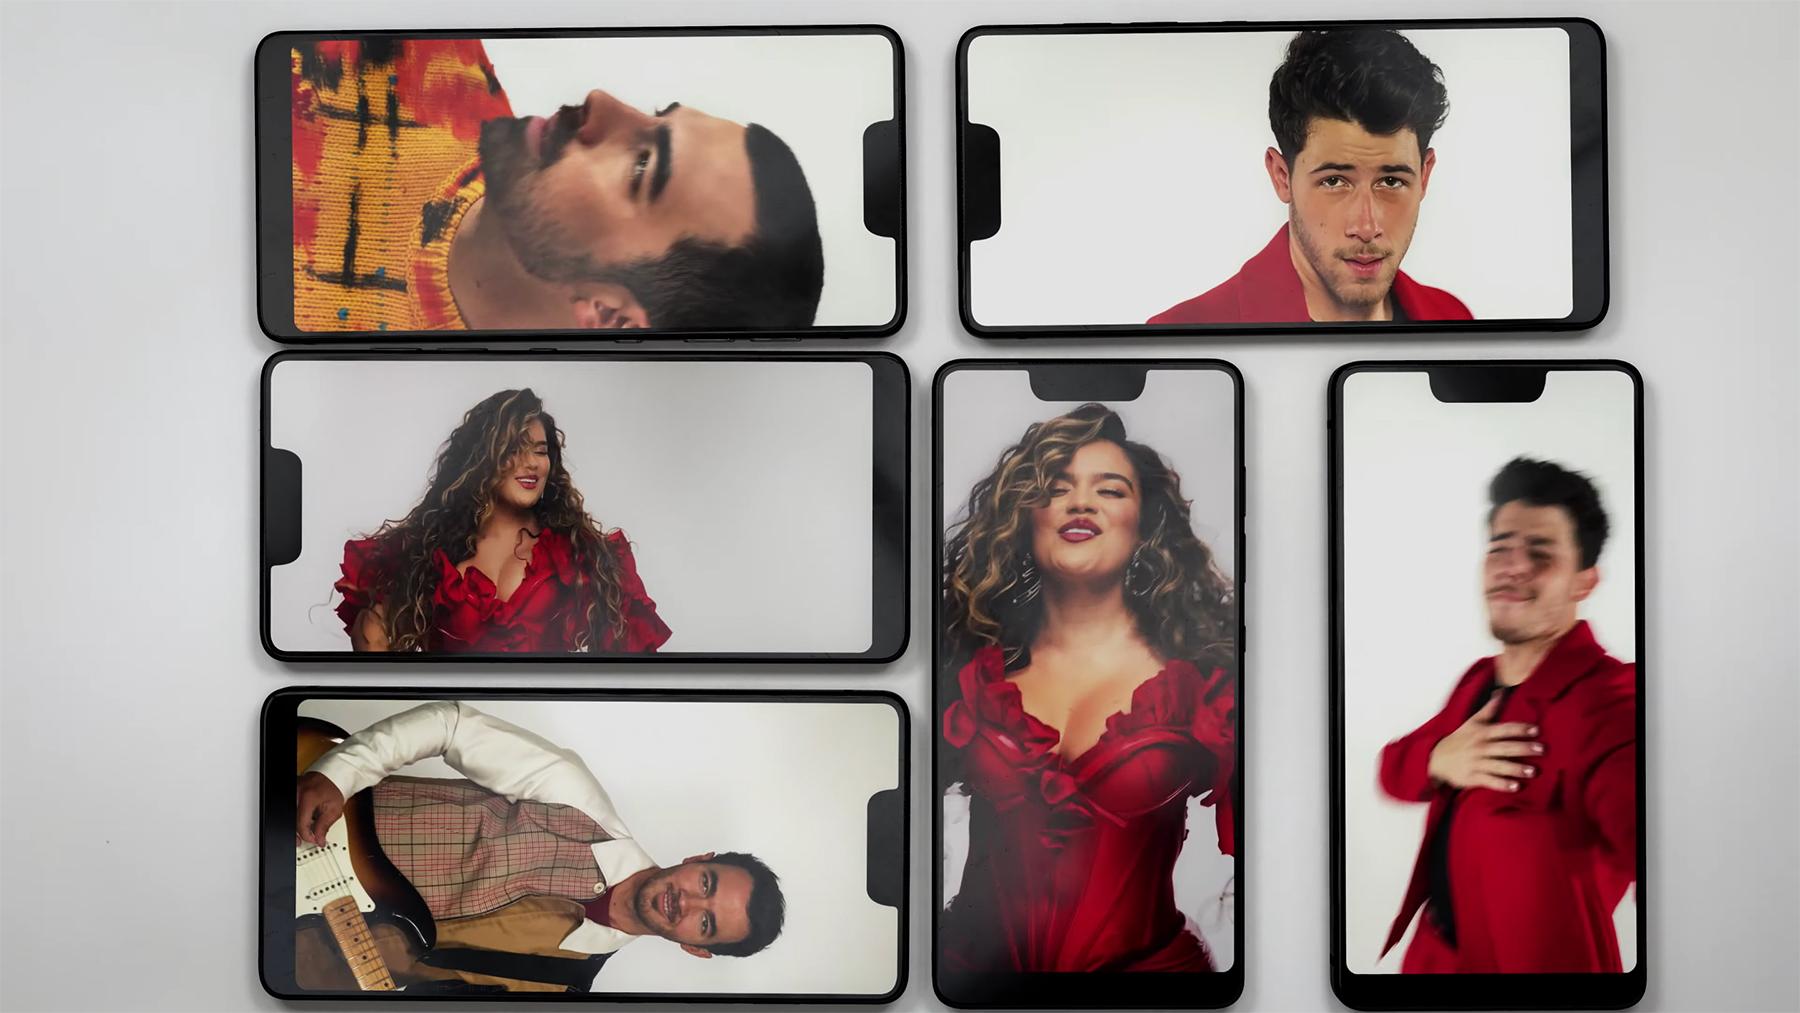 Jonas Brothers, Karol G Flirt Over iPhones in 'X' Video